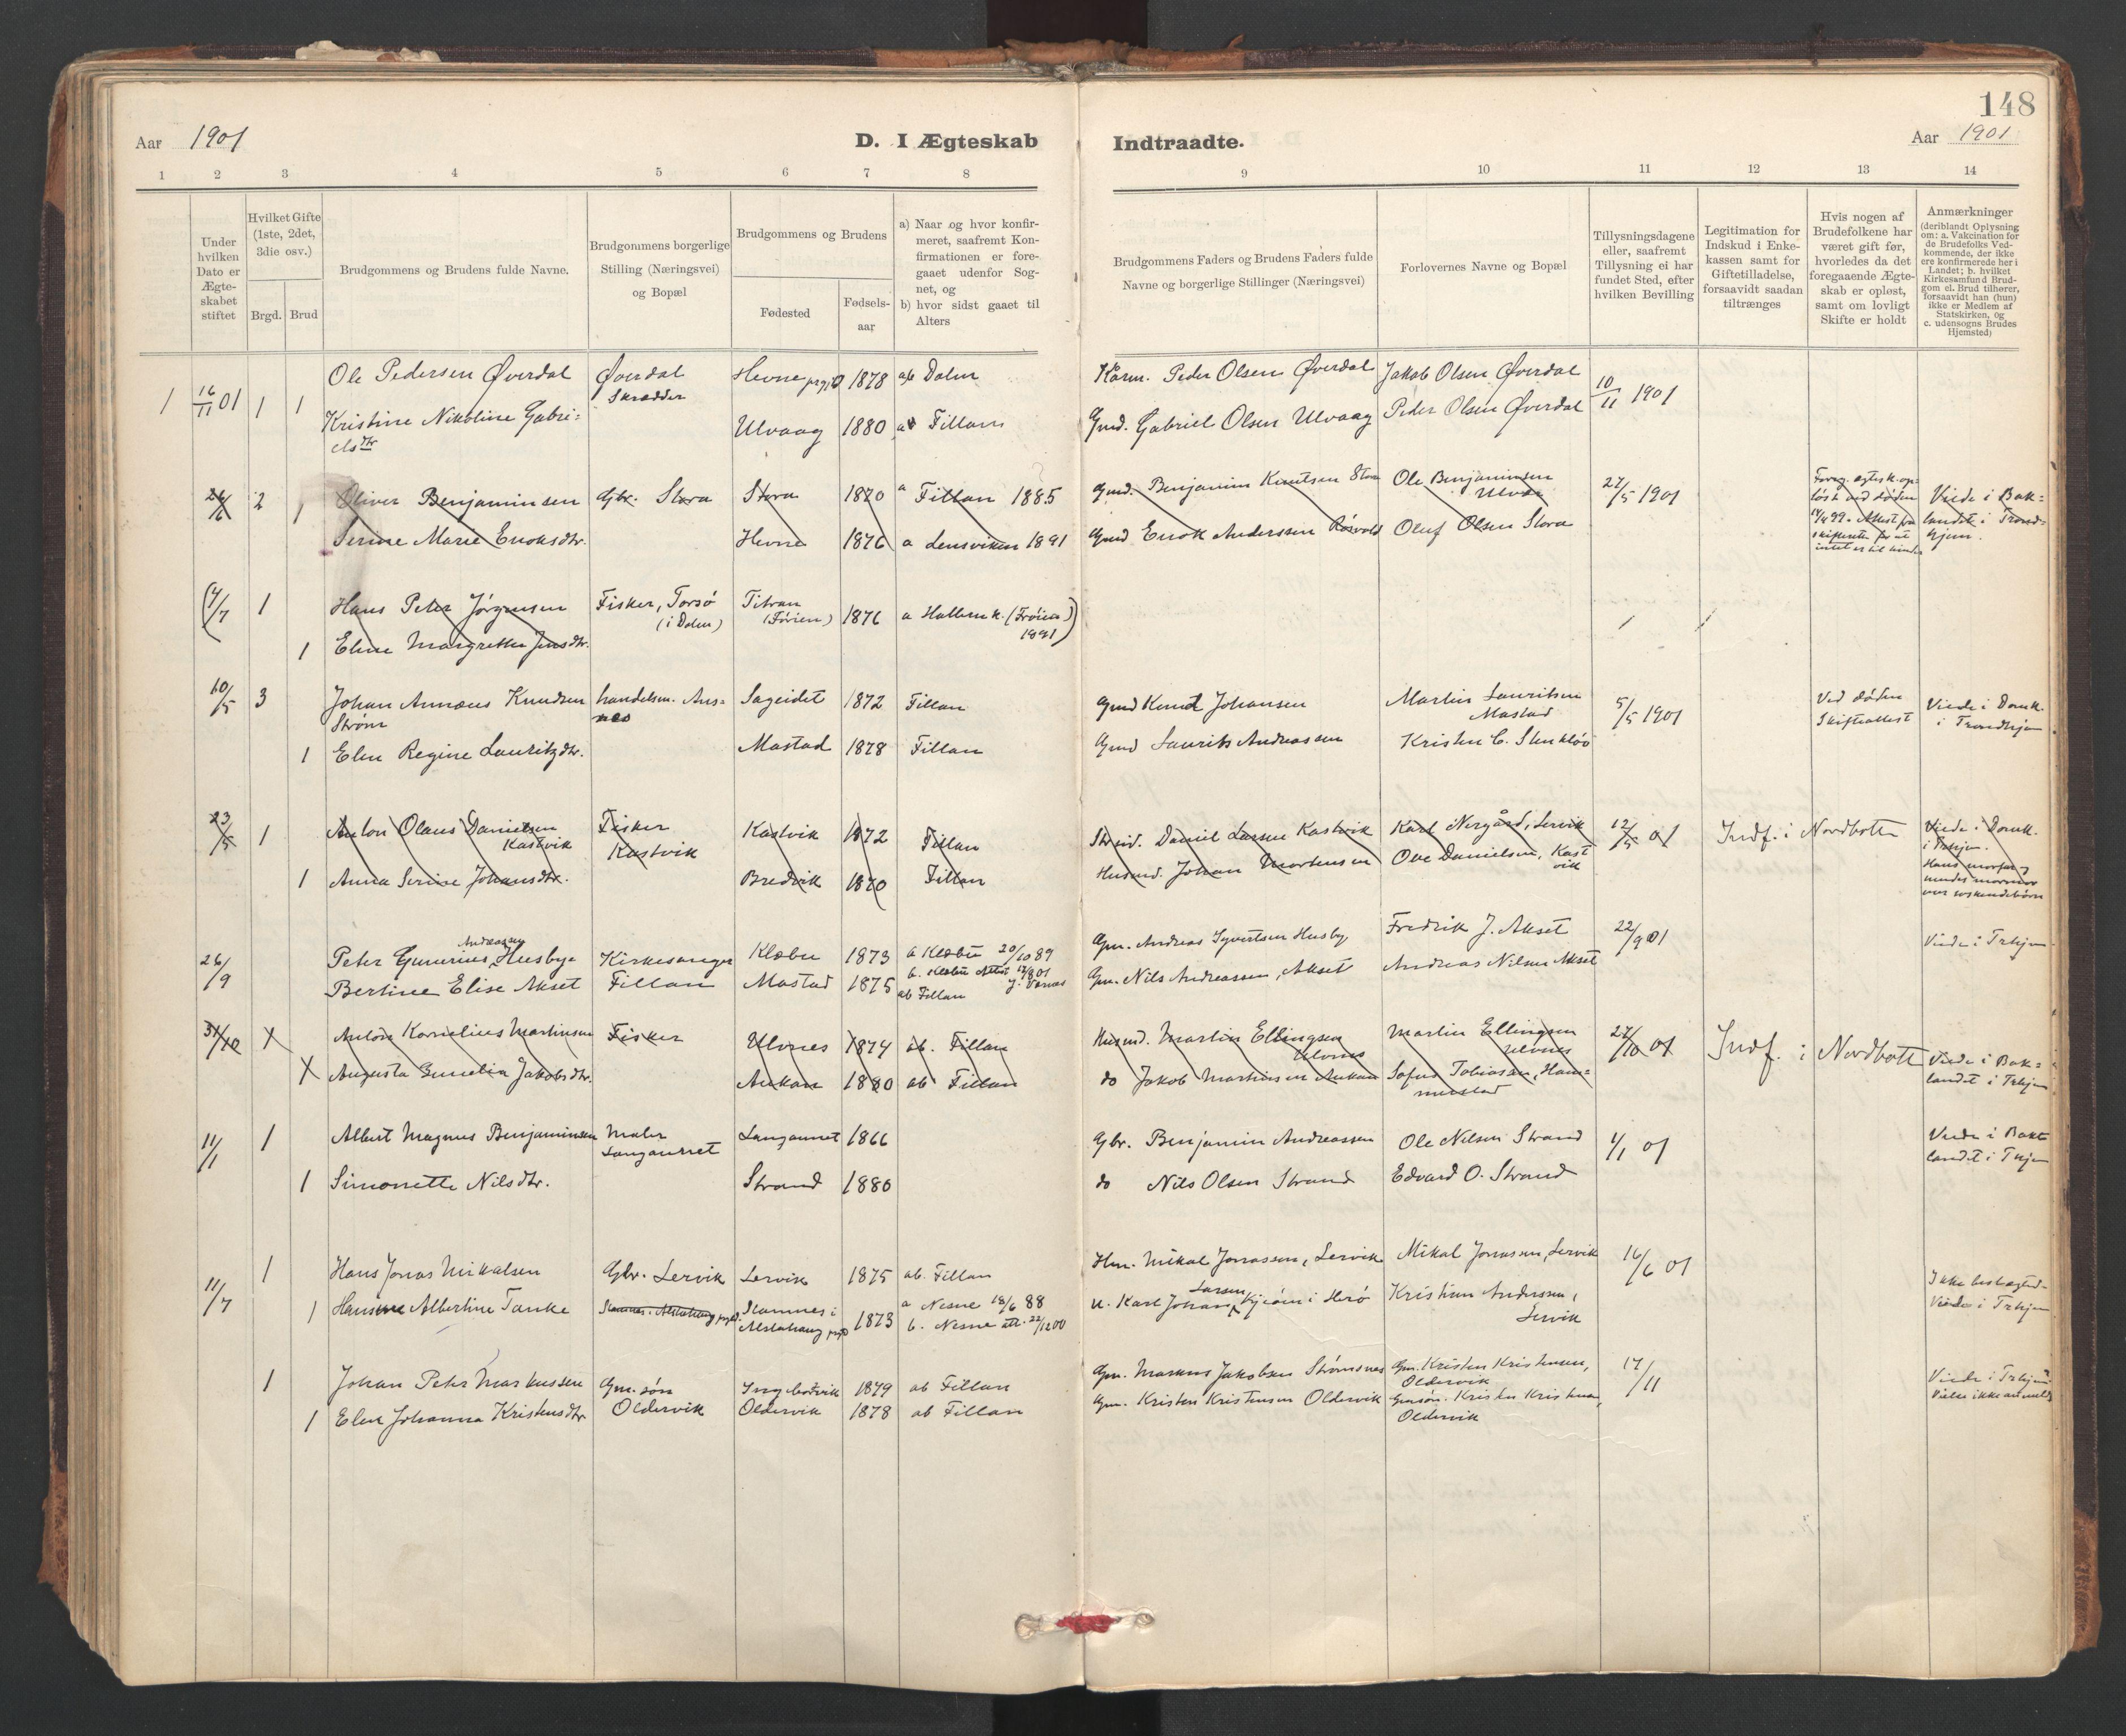 SAT, Ministerialprotokoller, klokkerbøker og fødselsregistre - Sør-Trøndelag, 637/L0559: Ministerialbok nr. 637A02, 1899-1923, s. 148